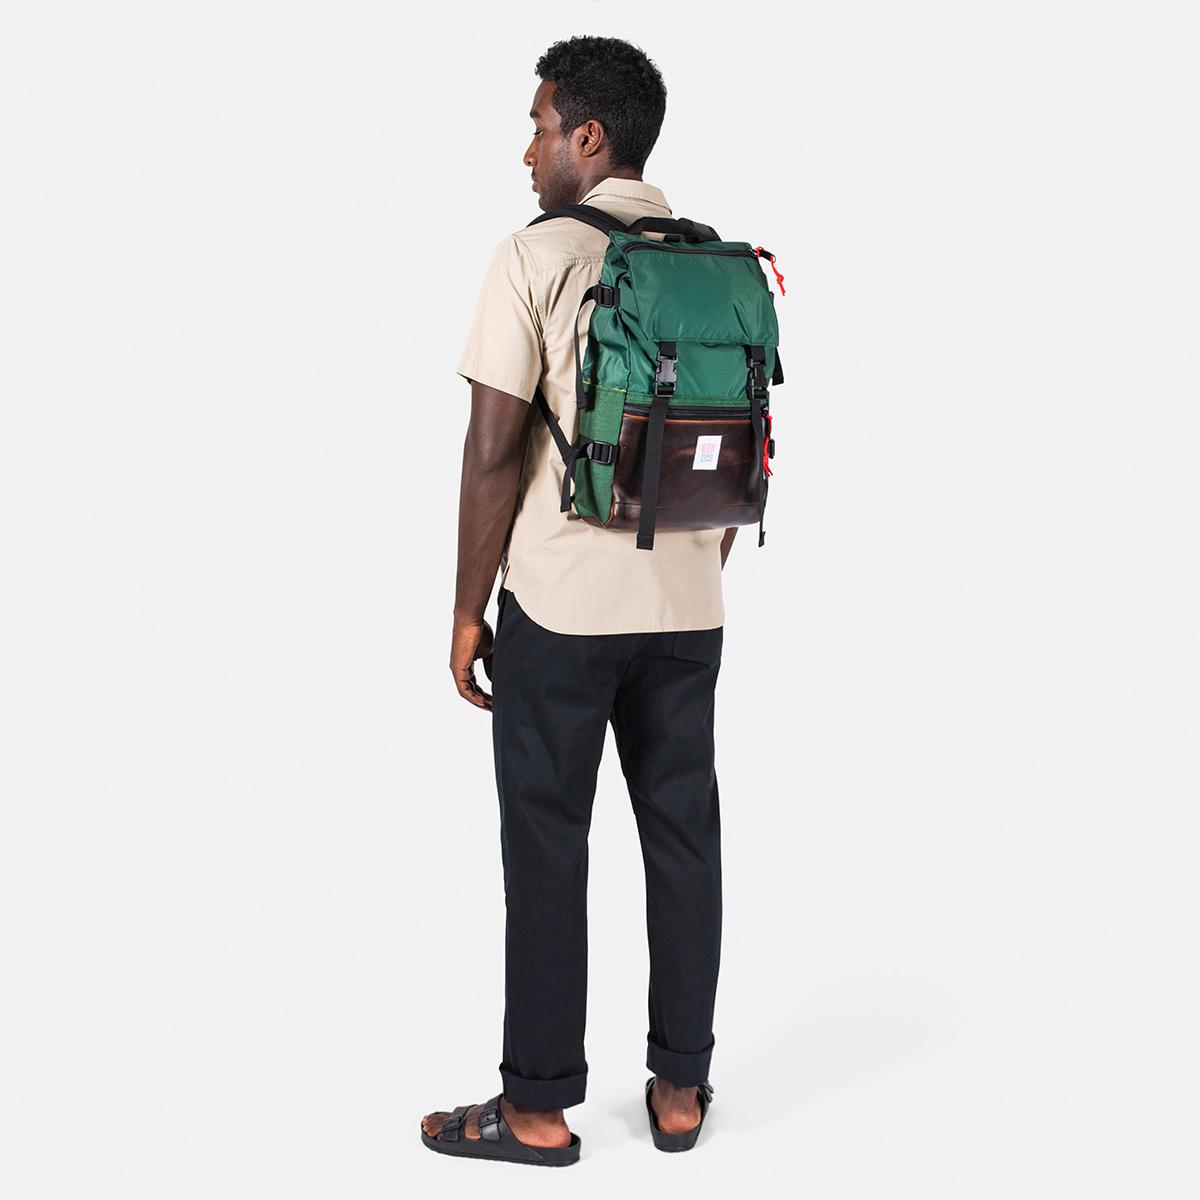 Topo Designs Rover Pack Heritage Forest/Brown Leather, tijdloze rugzak met moderne functionaliteiten voor dagelijks gebruik